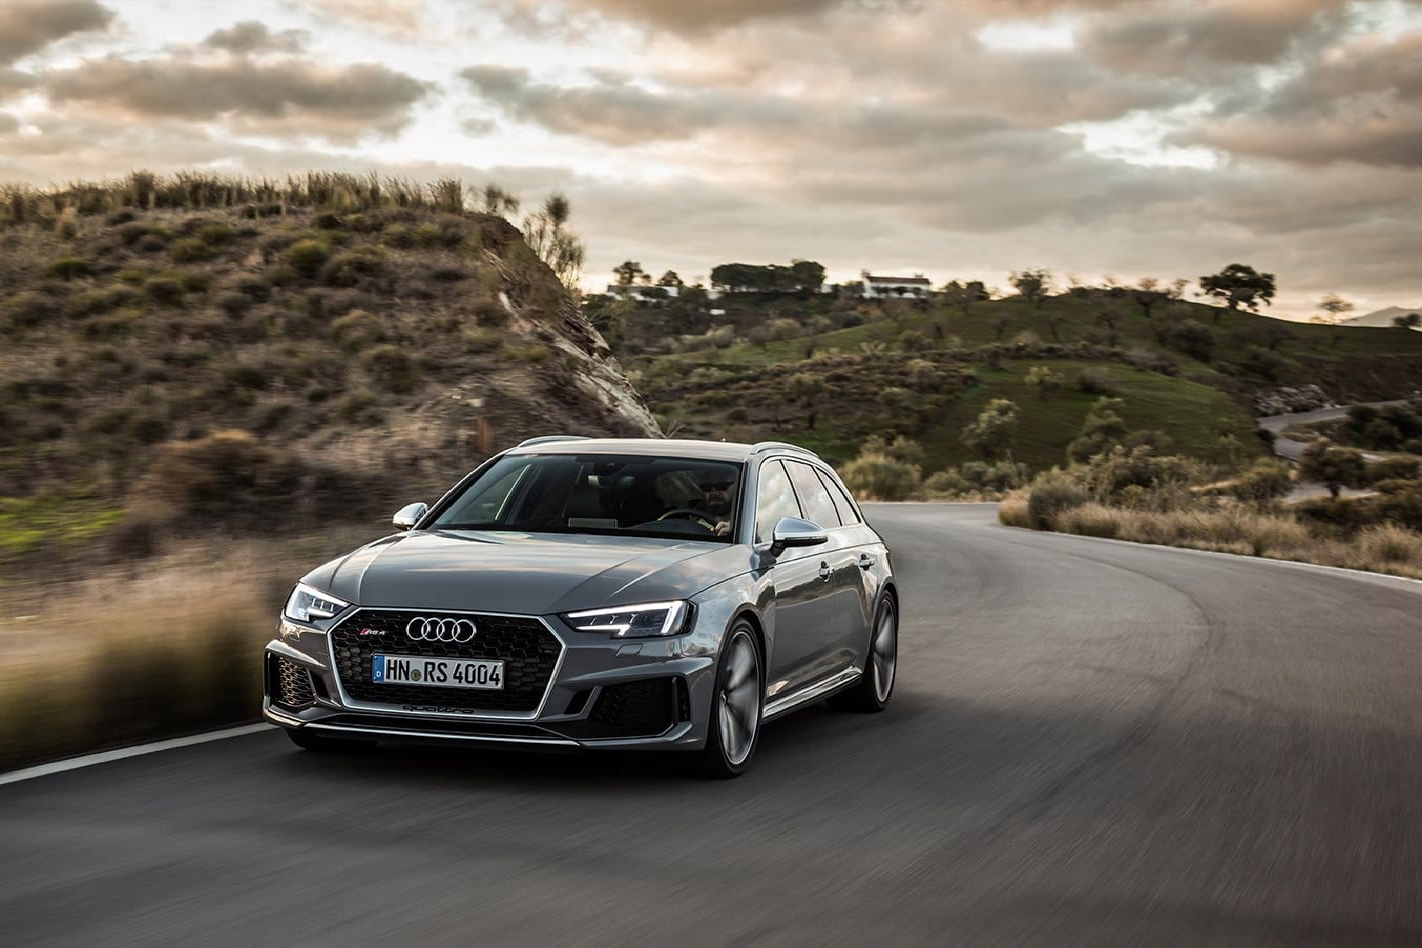 2018 Audi RS4 Avant quick review